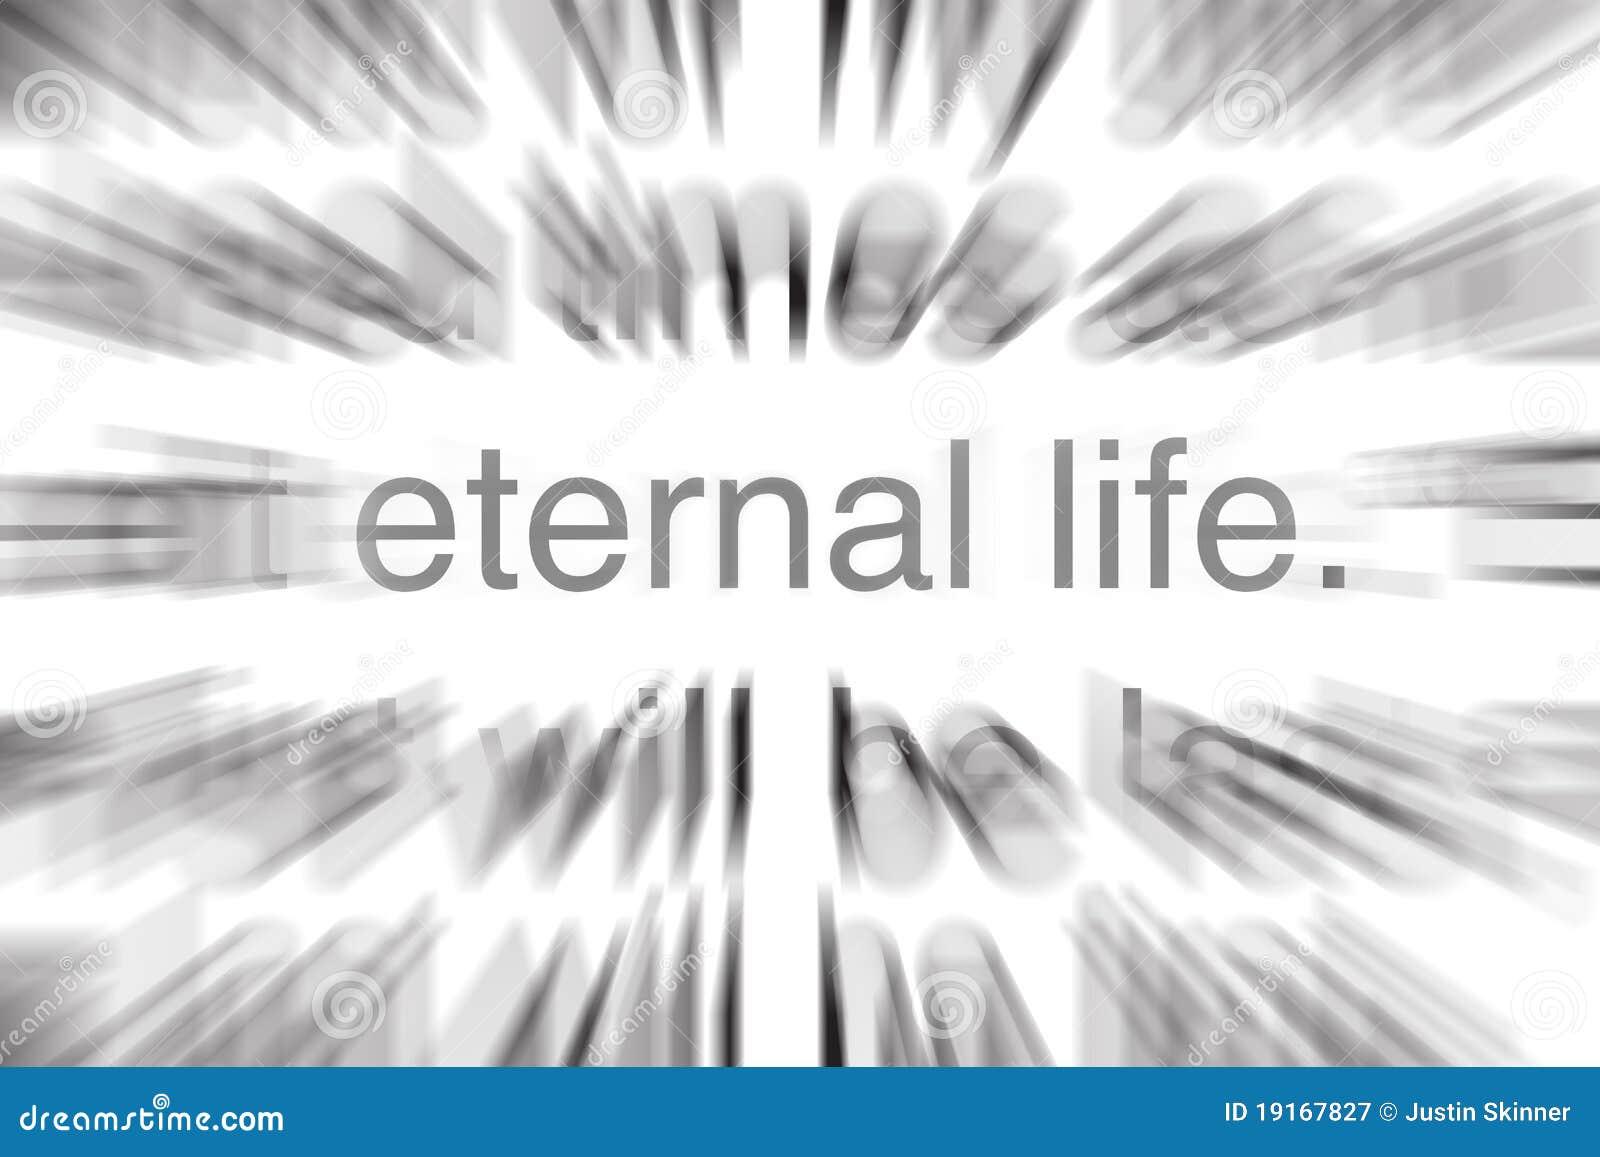 Священное писание вечной жизни